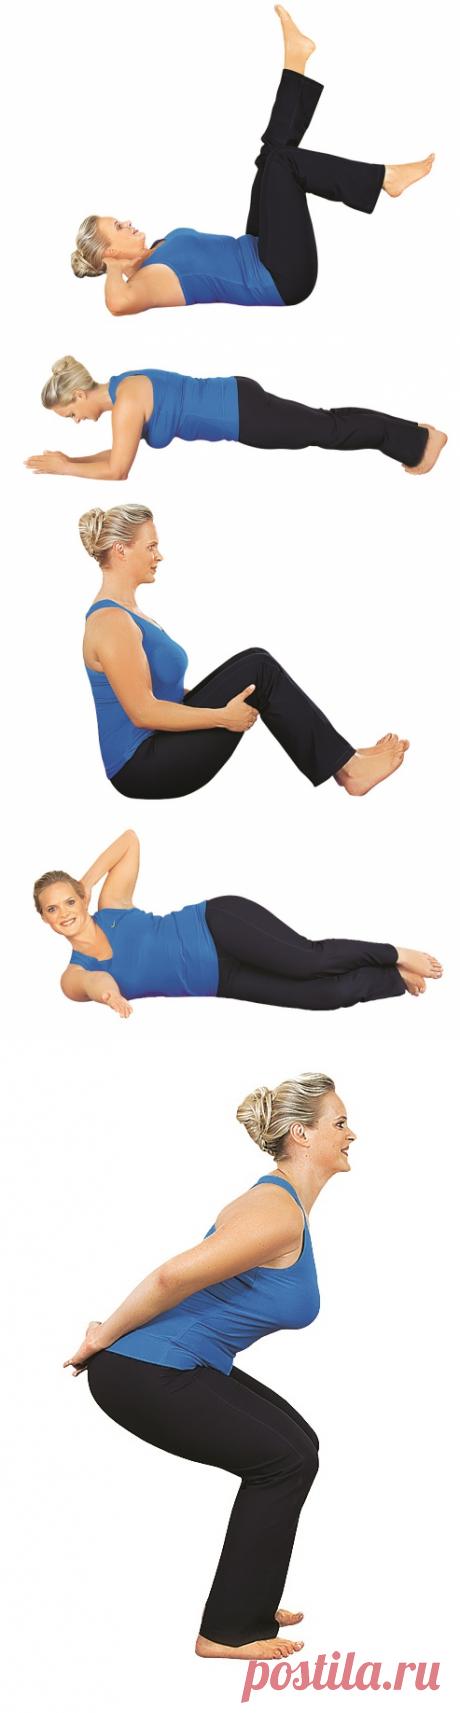 6 упражнений, которые изменят ваше тело (фото) – Lisa.ru